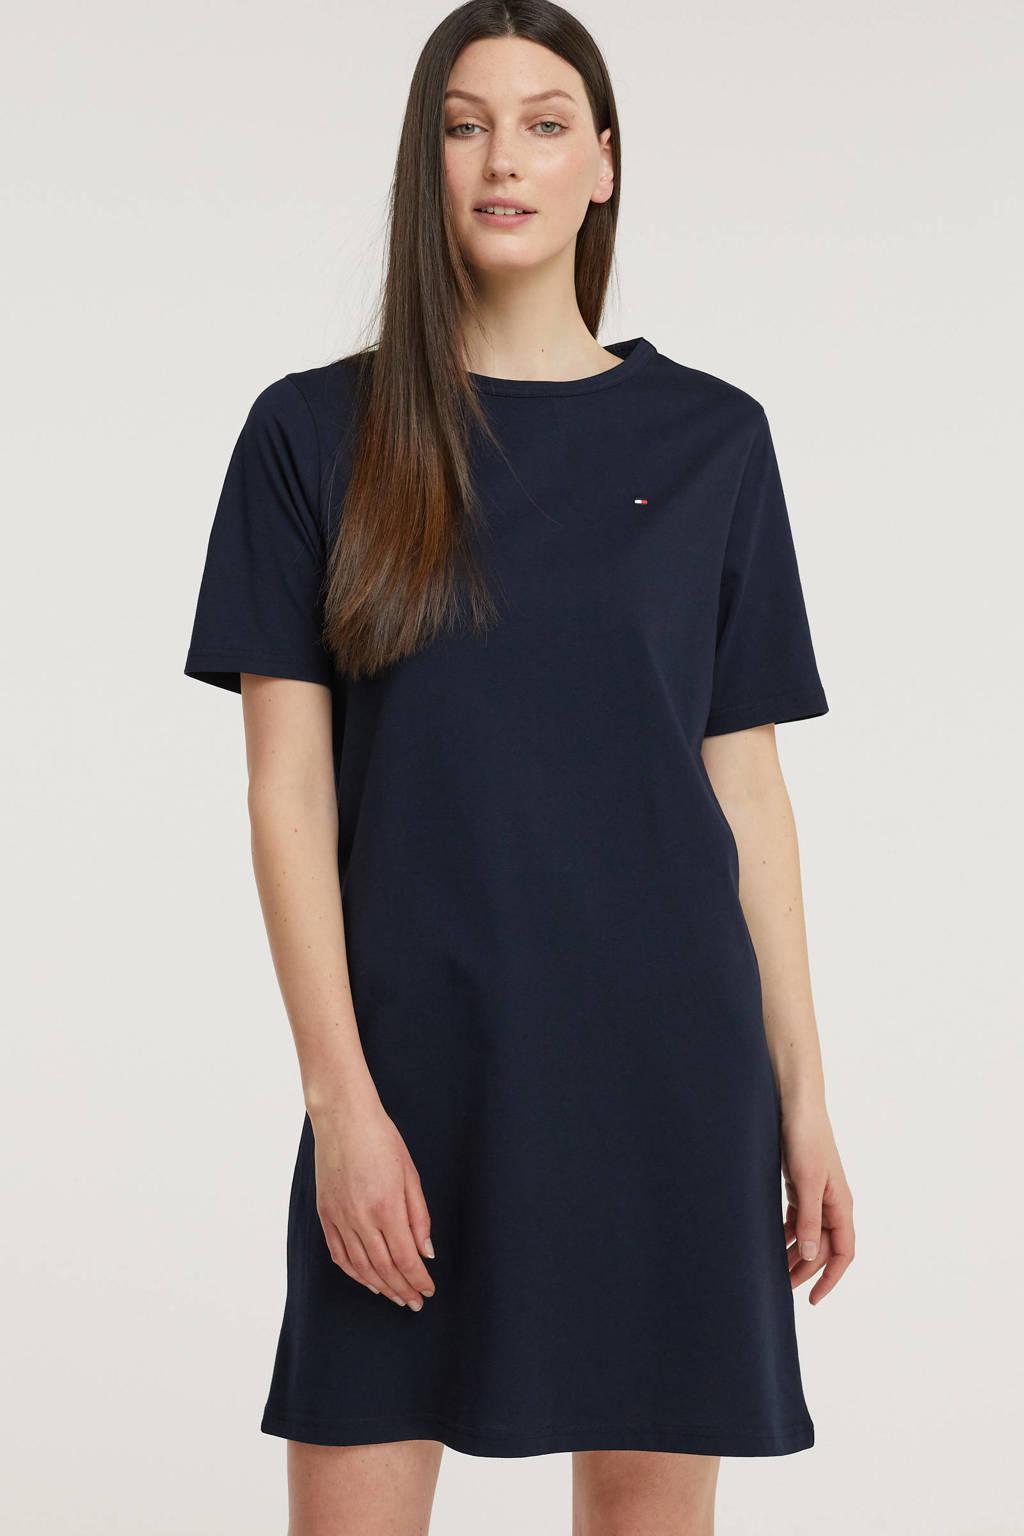 Tommy Hilfiger T-shirtjurk van biologisch katoen donkerblauw/rood/wit, Donkerblauw/rood/wit